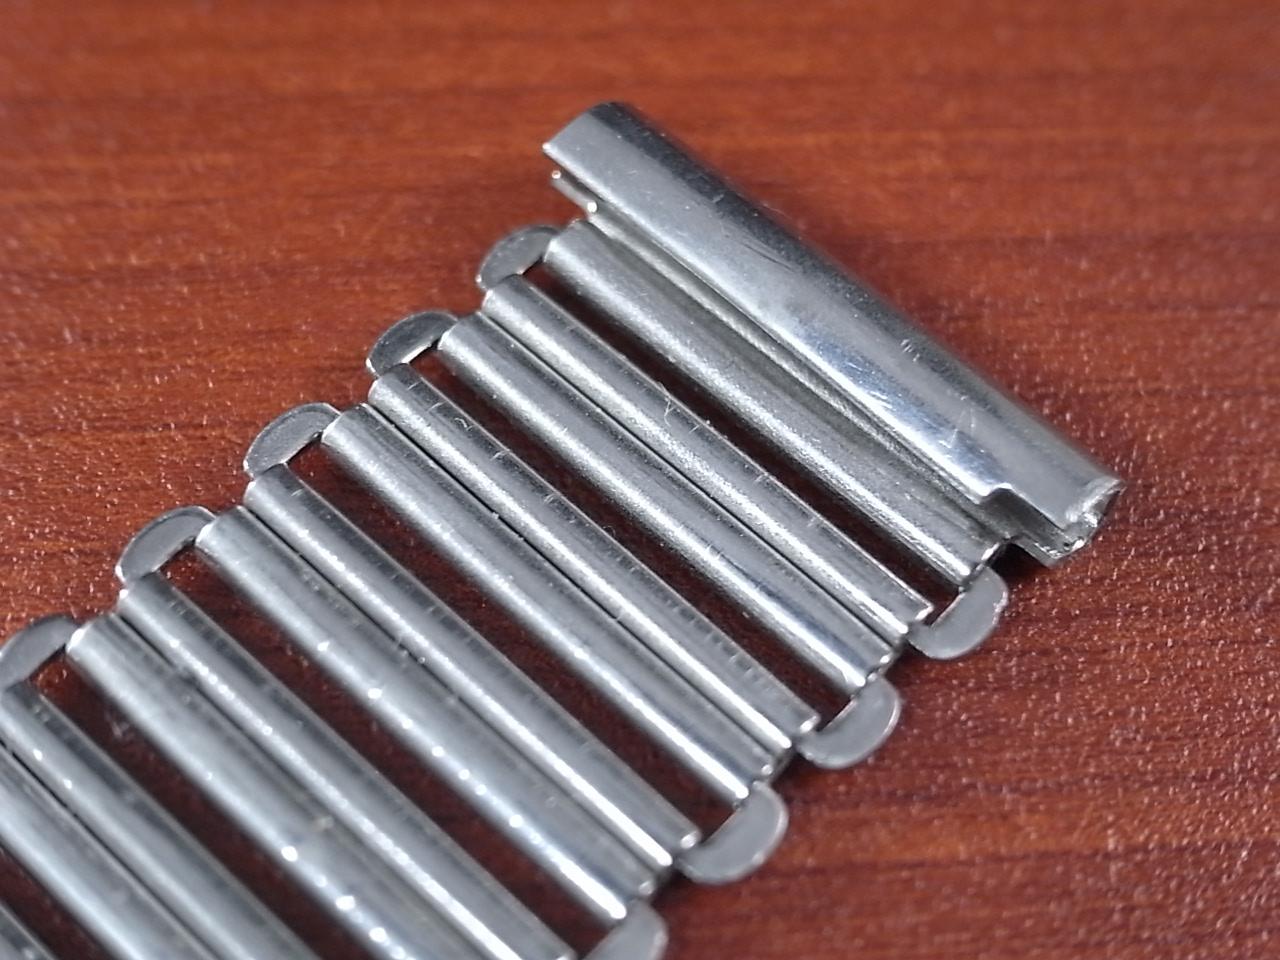 ボンクリップ バンブーブレス SS ブロック体ロゴ 16㎜タイプ 16㎜ BONKLIPの写真6枚目